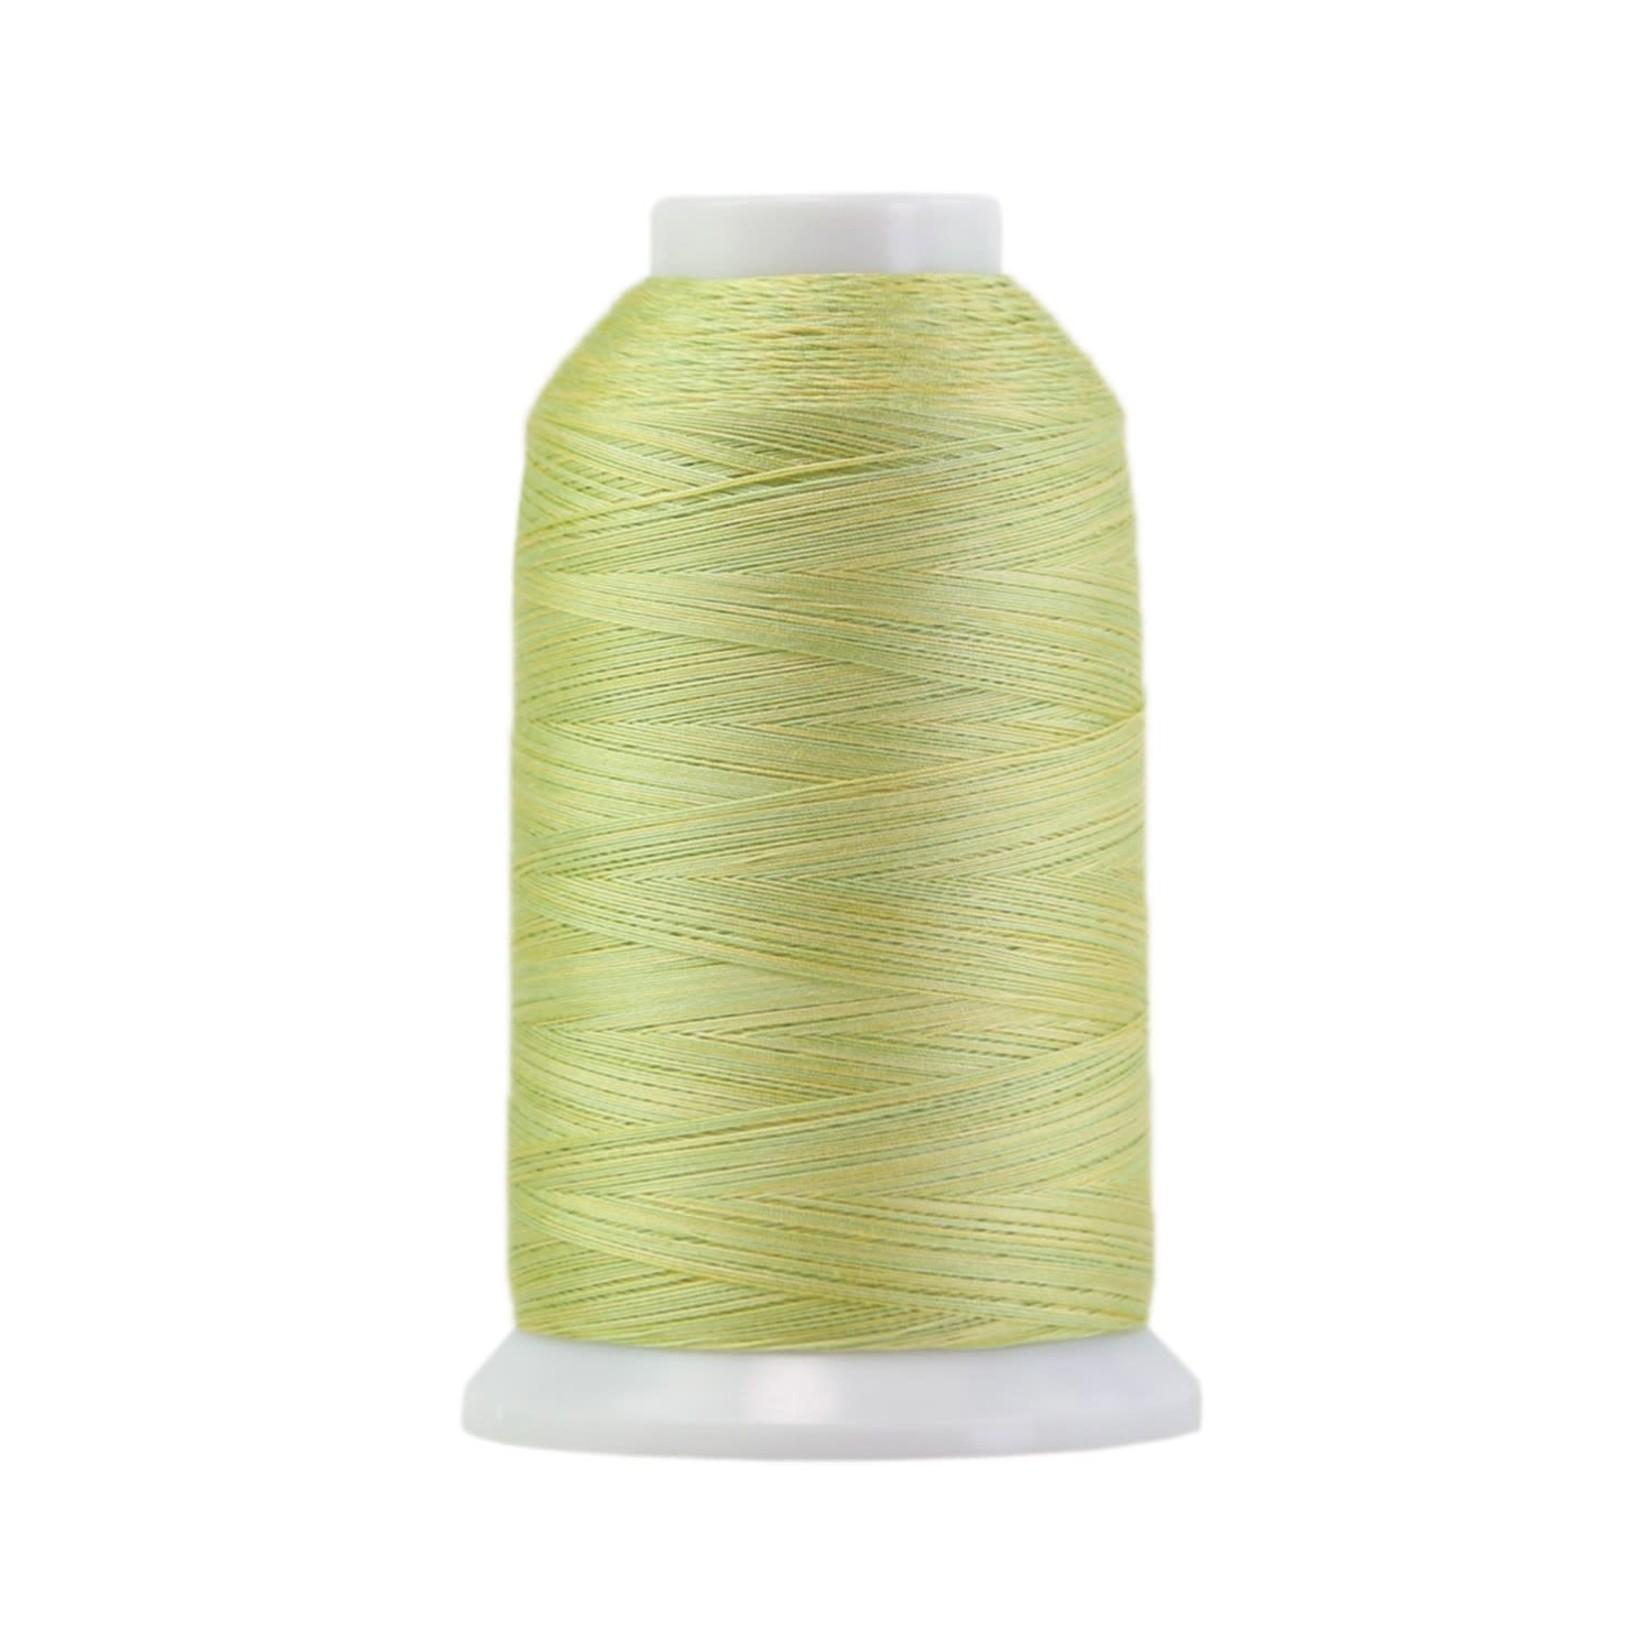 Superior Threads King Tut - #40 - 1828 m - 1054 Lemongrass